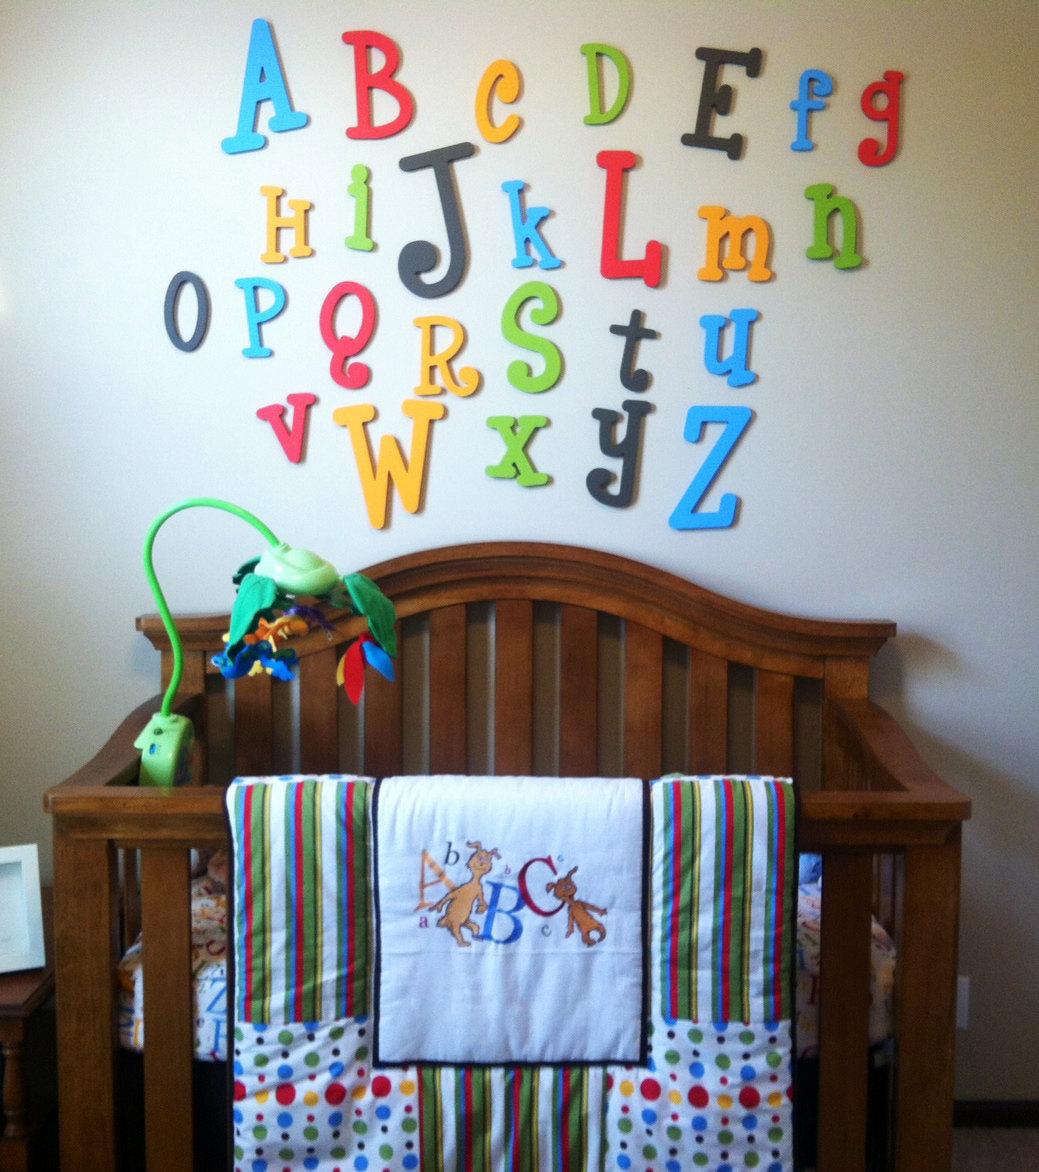 Цифры на стене в детской комнате фото